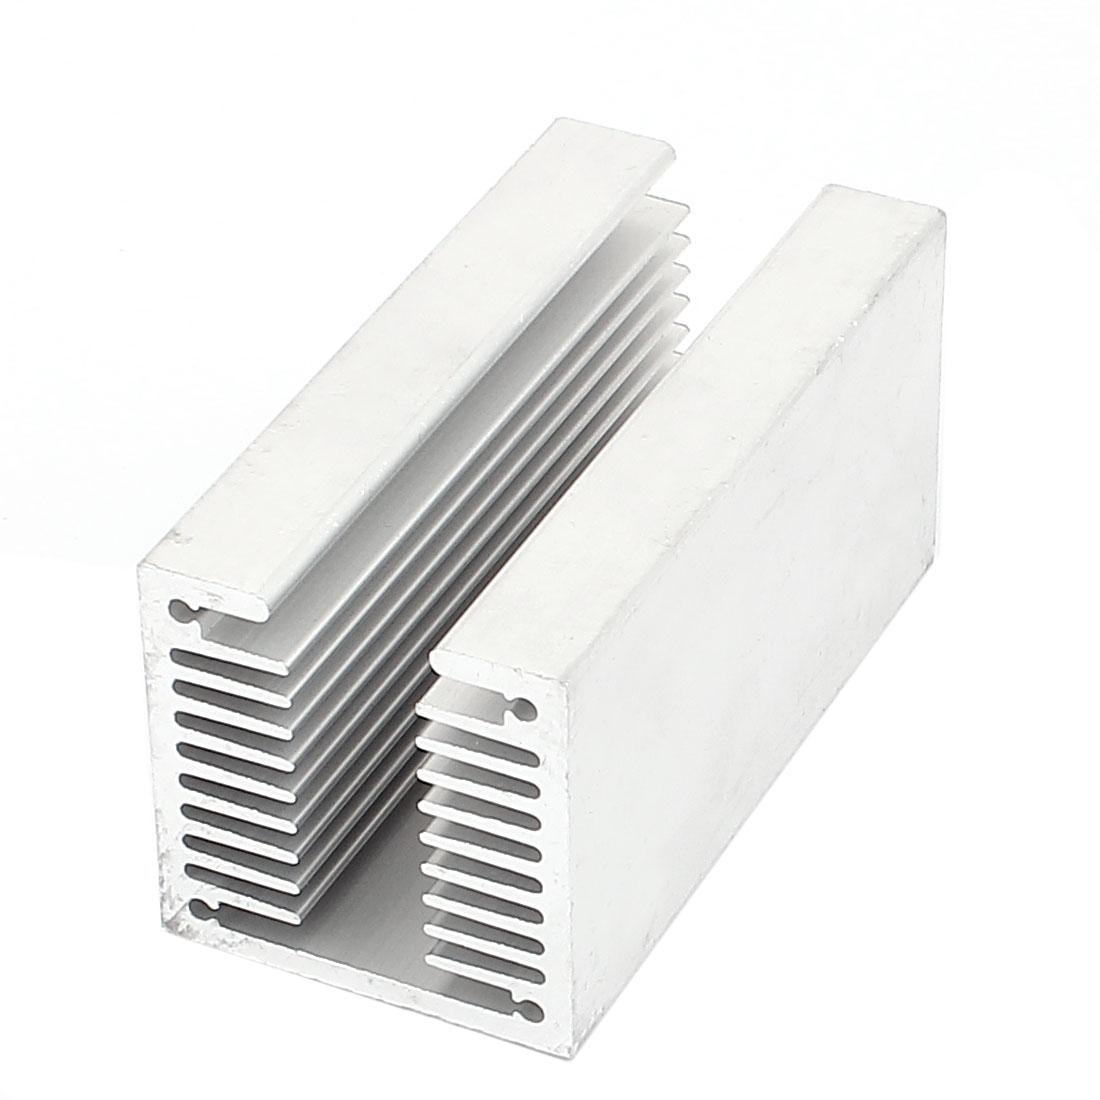 Silver Tone Aluminium U Slotted Radiactor Heatsink Heat Sink 80mm x 40mm x 40mm